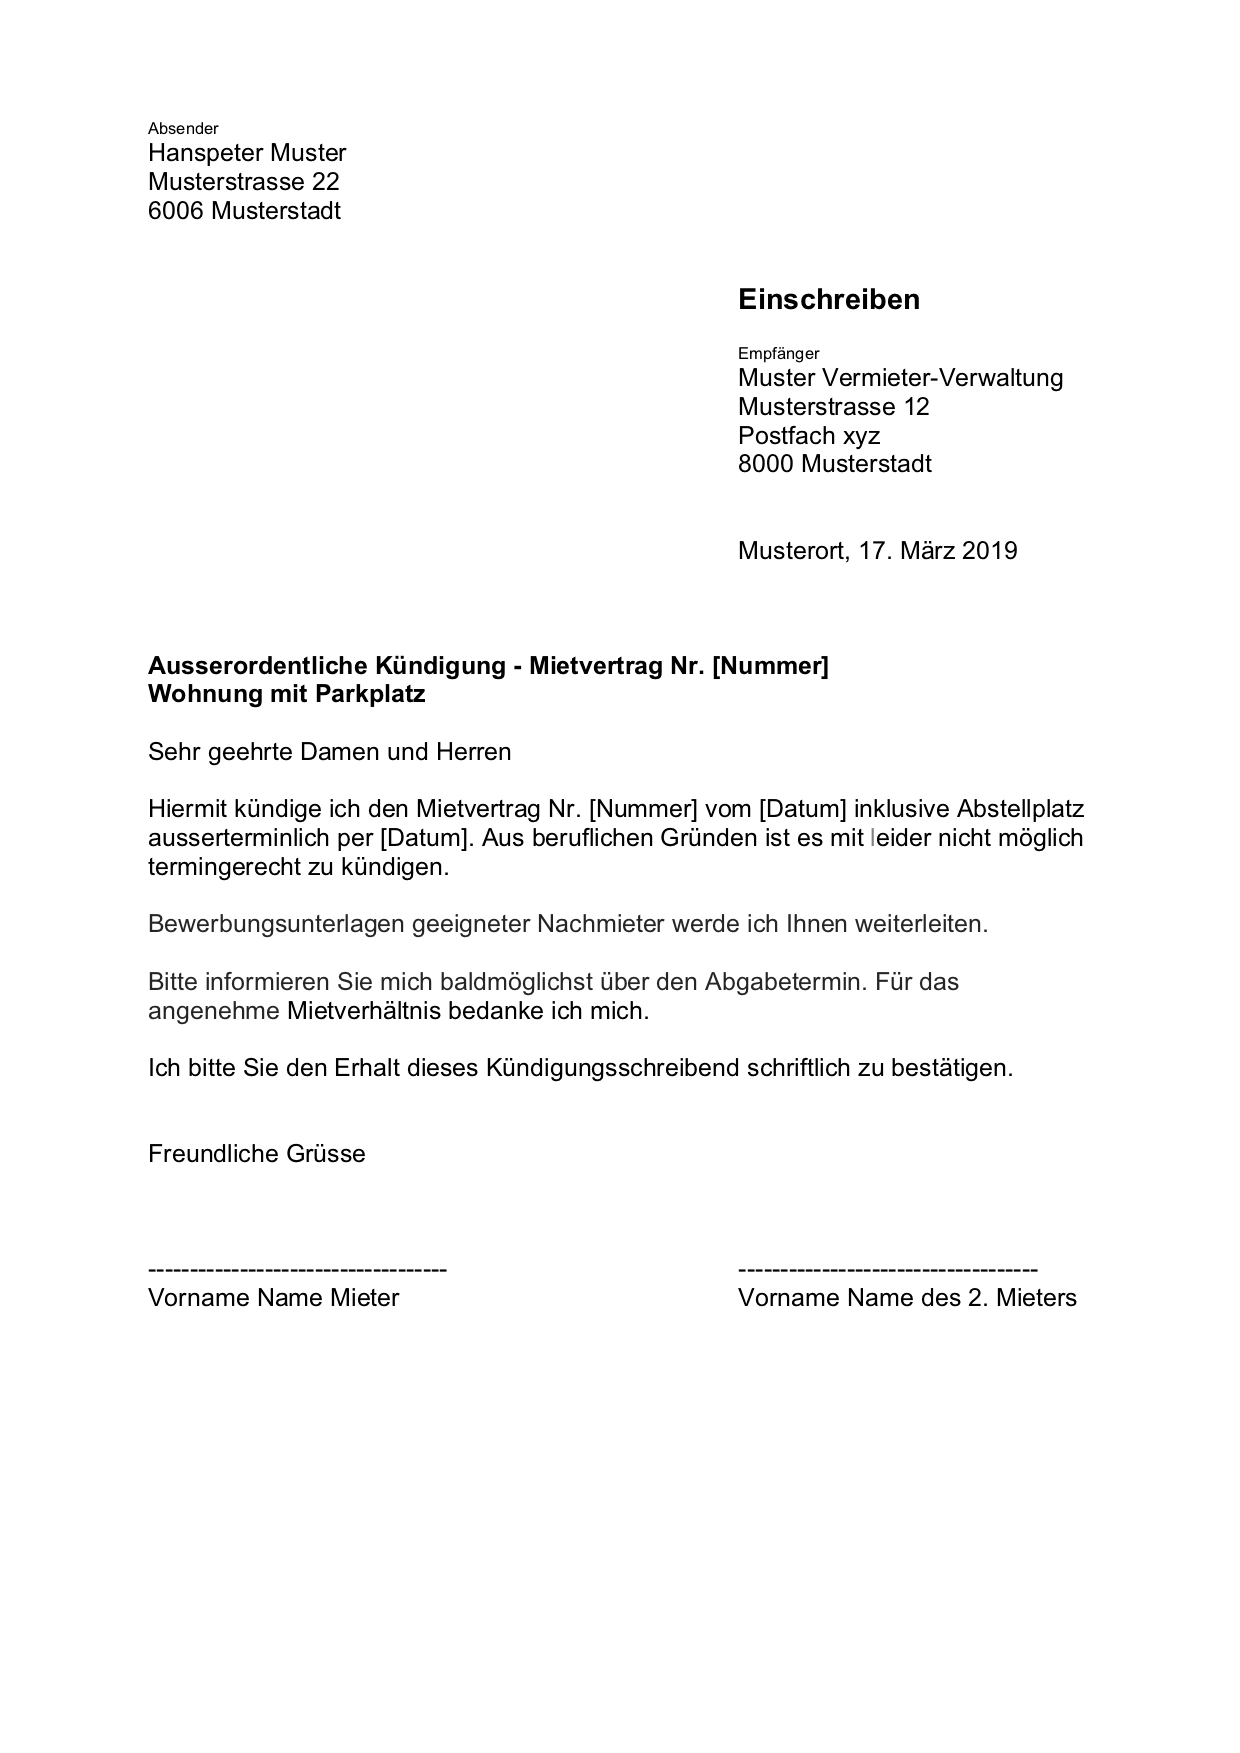 Wohnungskundigung Vorlage Schweiz Gratis